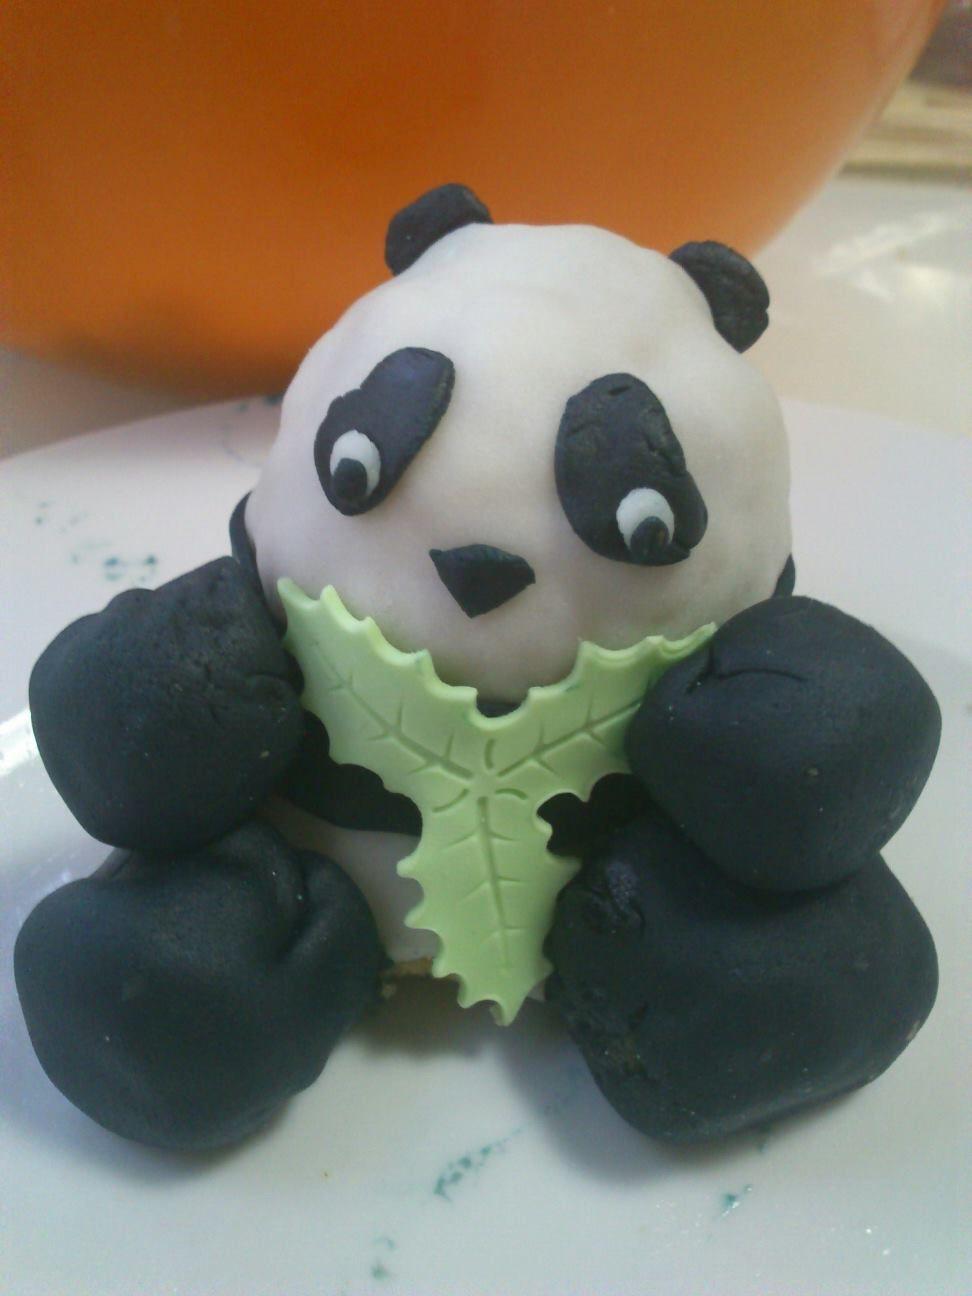 Korrup Tin the panda - Korrup Tin el panda: es el dueño de los mil iglús. A veces amante (de Paca), a veces enemigo (de Paca) y ahora abogado (de Paca) que regurgita bambú suficiente para pagarle. Cree que manda él, pero manda Paca... Próximo proyecto: casino, tiovivo y barco/discoteca en los mil iglús.